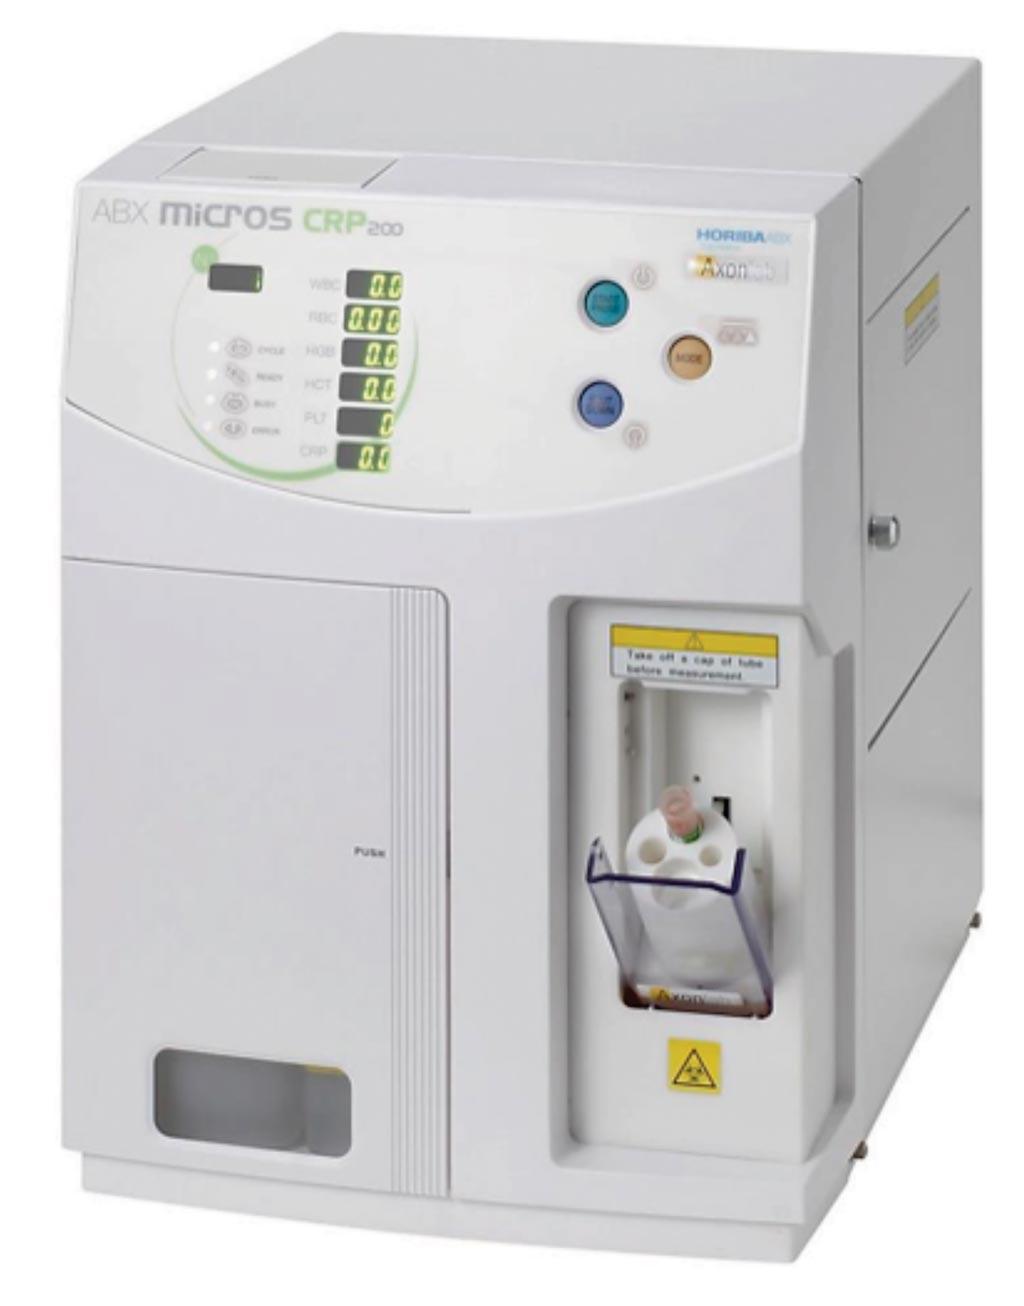 Imagen: El analizador de hematología ABX Micros CRP 200 (Fotografía cortesía de Horiba Medical).